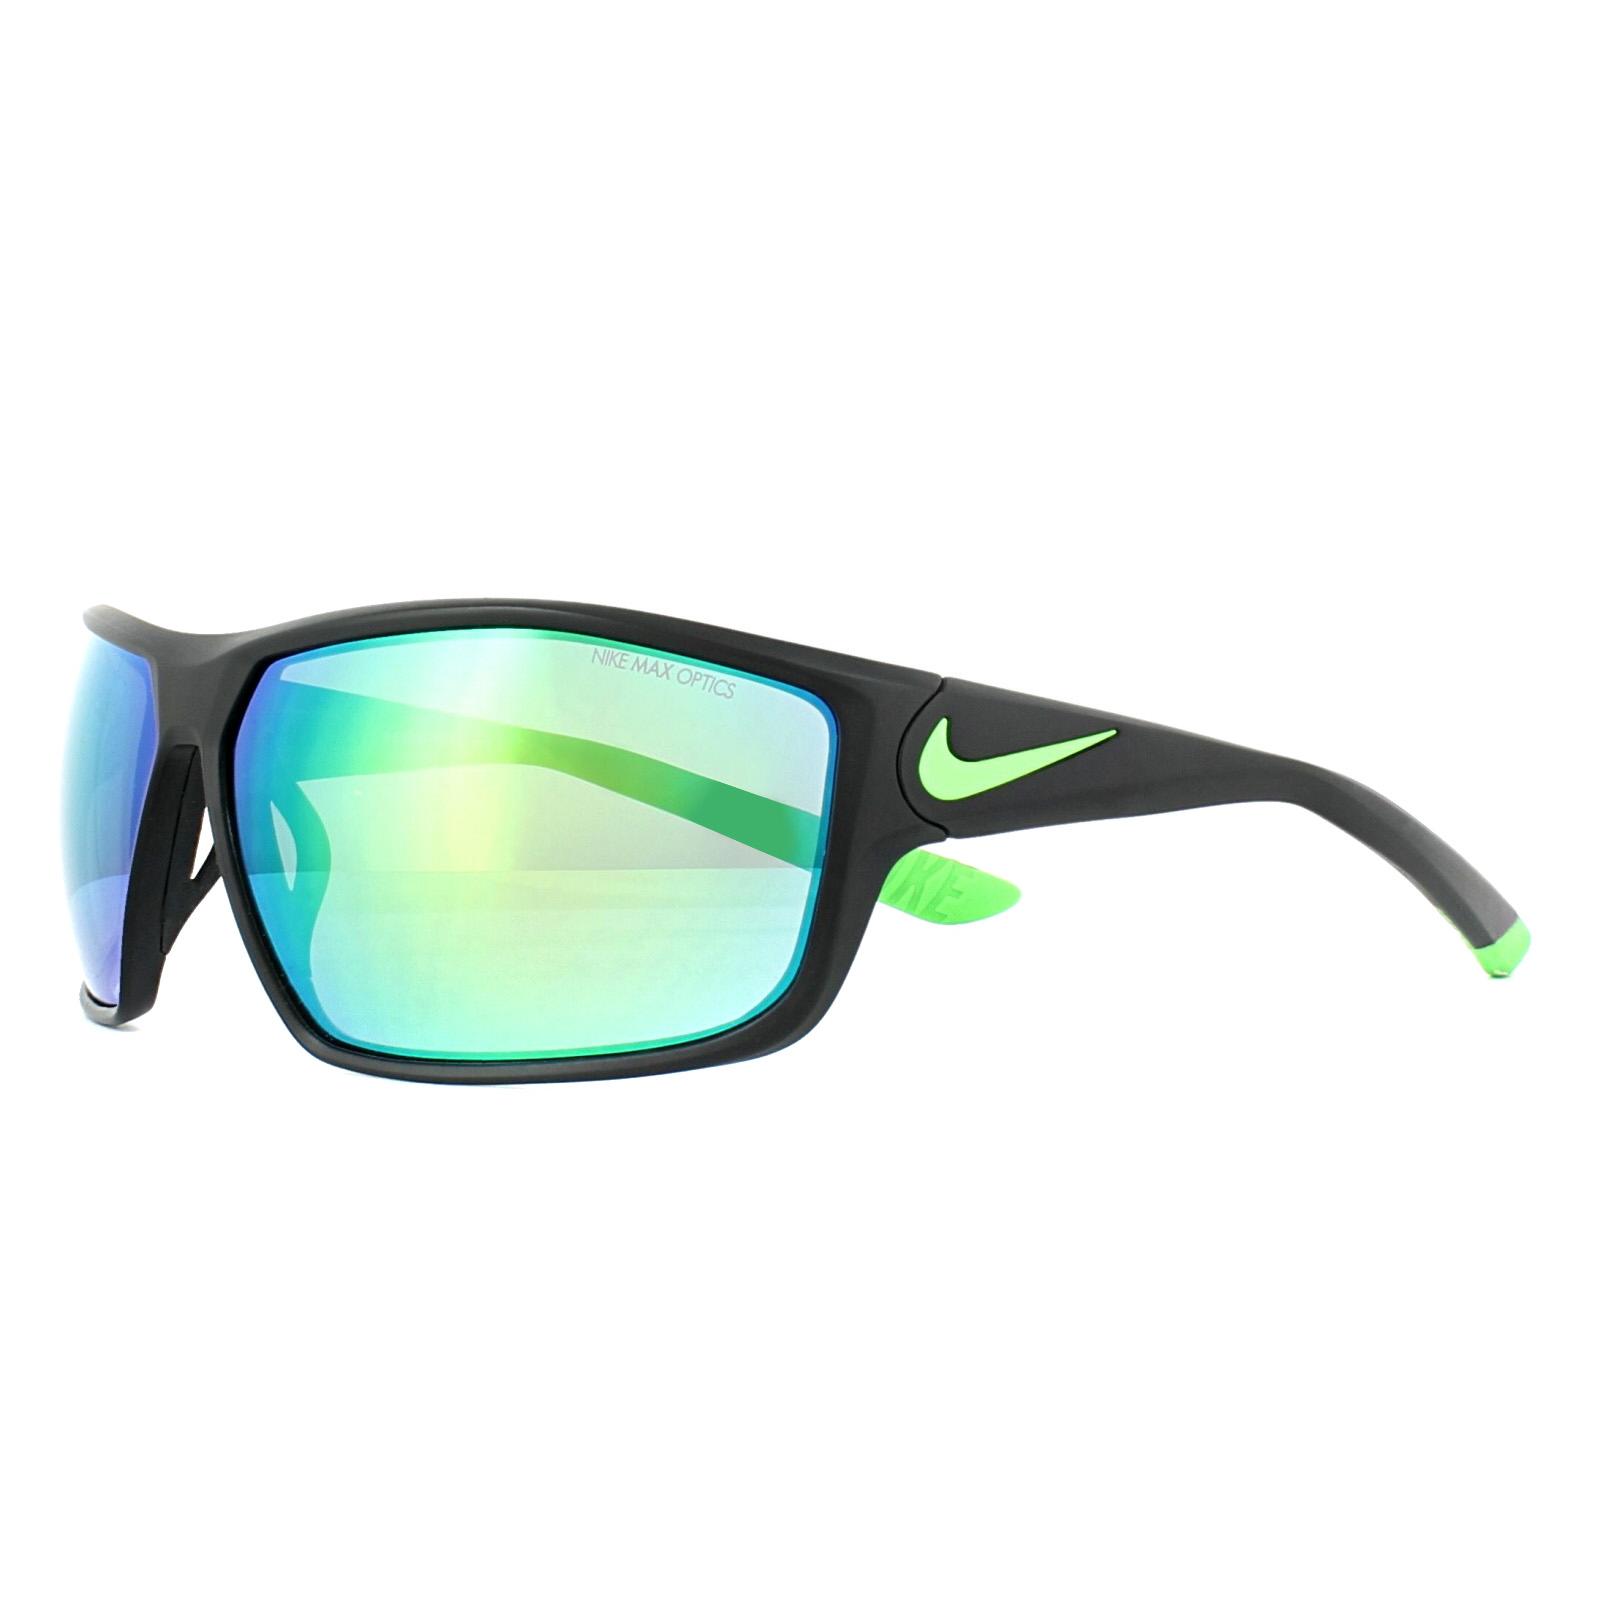 0c9c7a6baf Sentinel Nike Sunglasses Ignition R EV0867 003 Matt Black Green Grey Mirror  Green